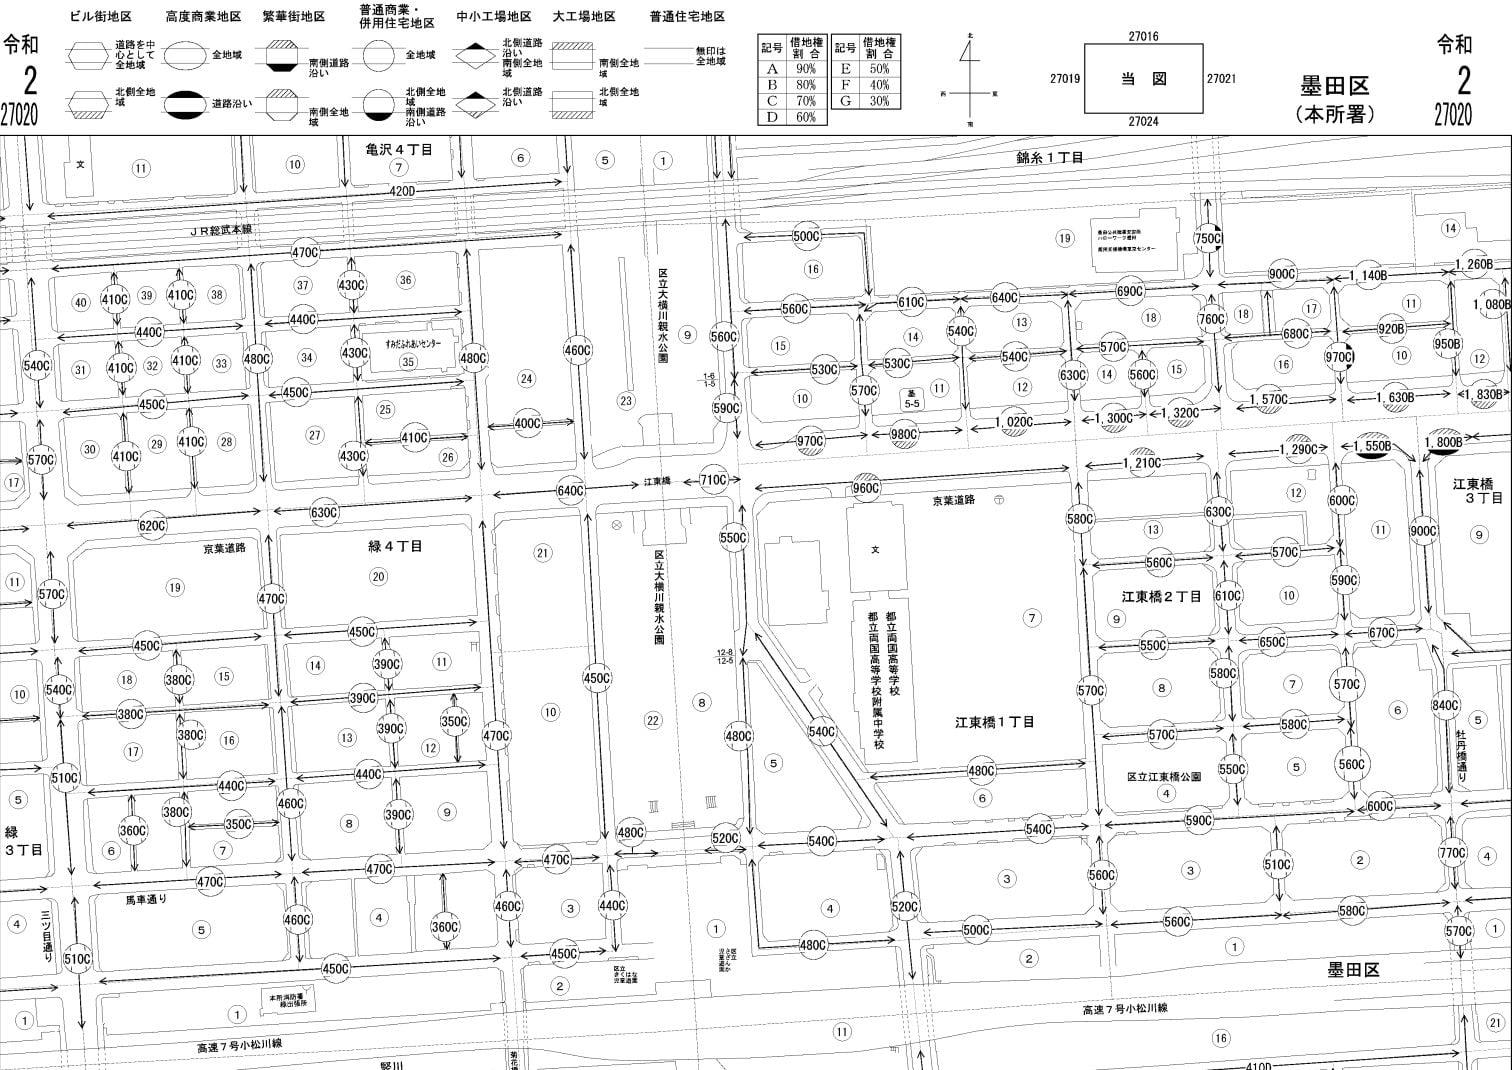 東京都墨田区の路線価図